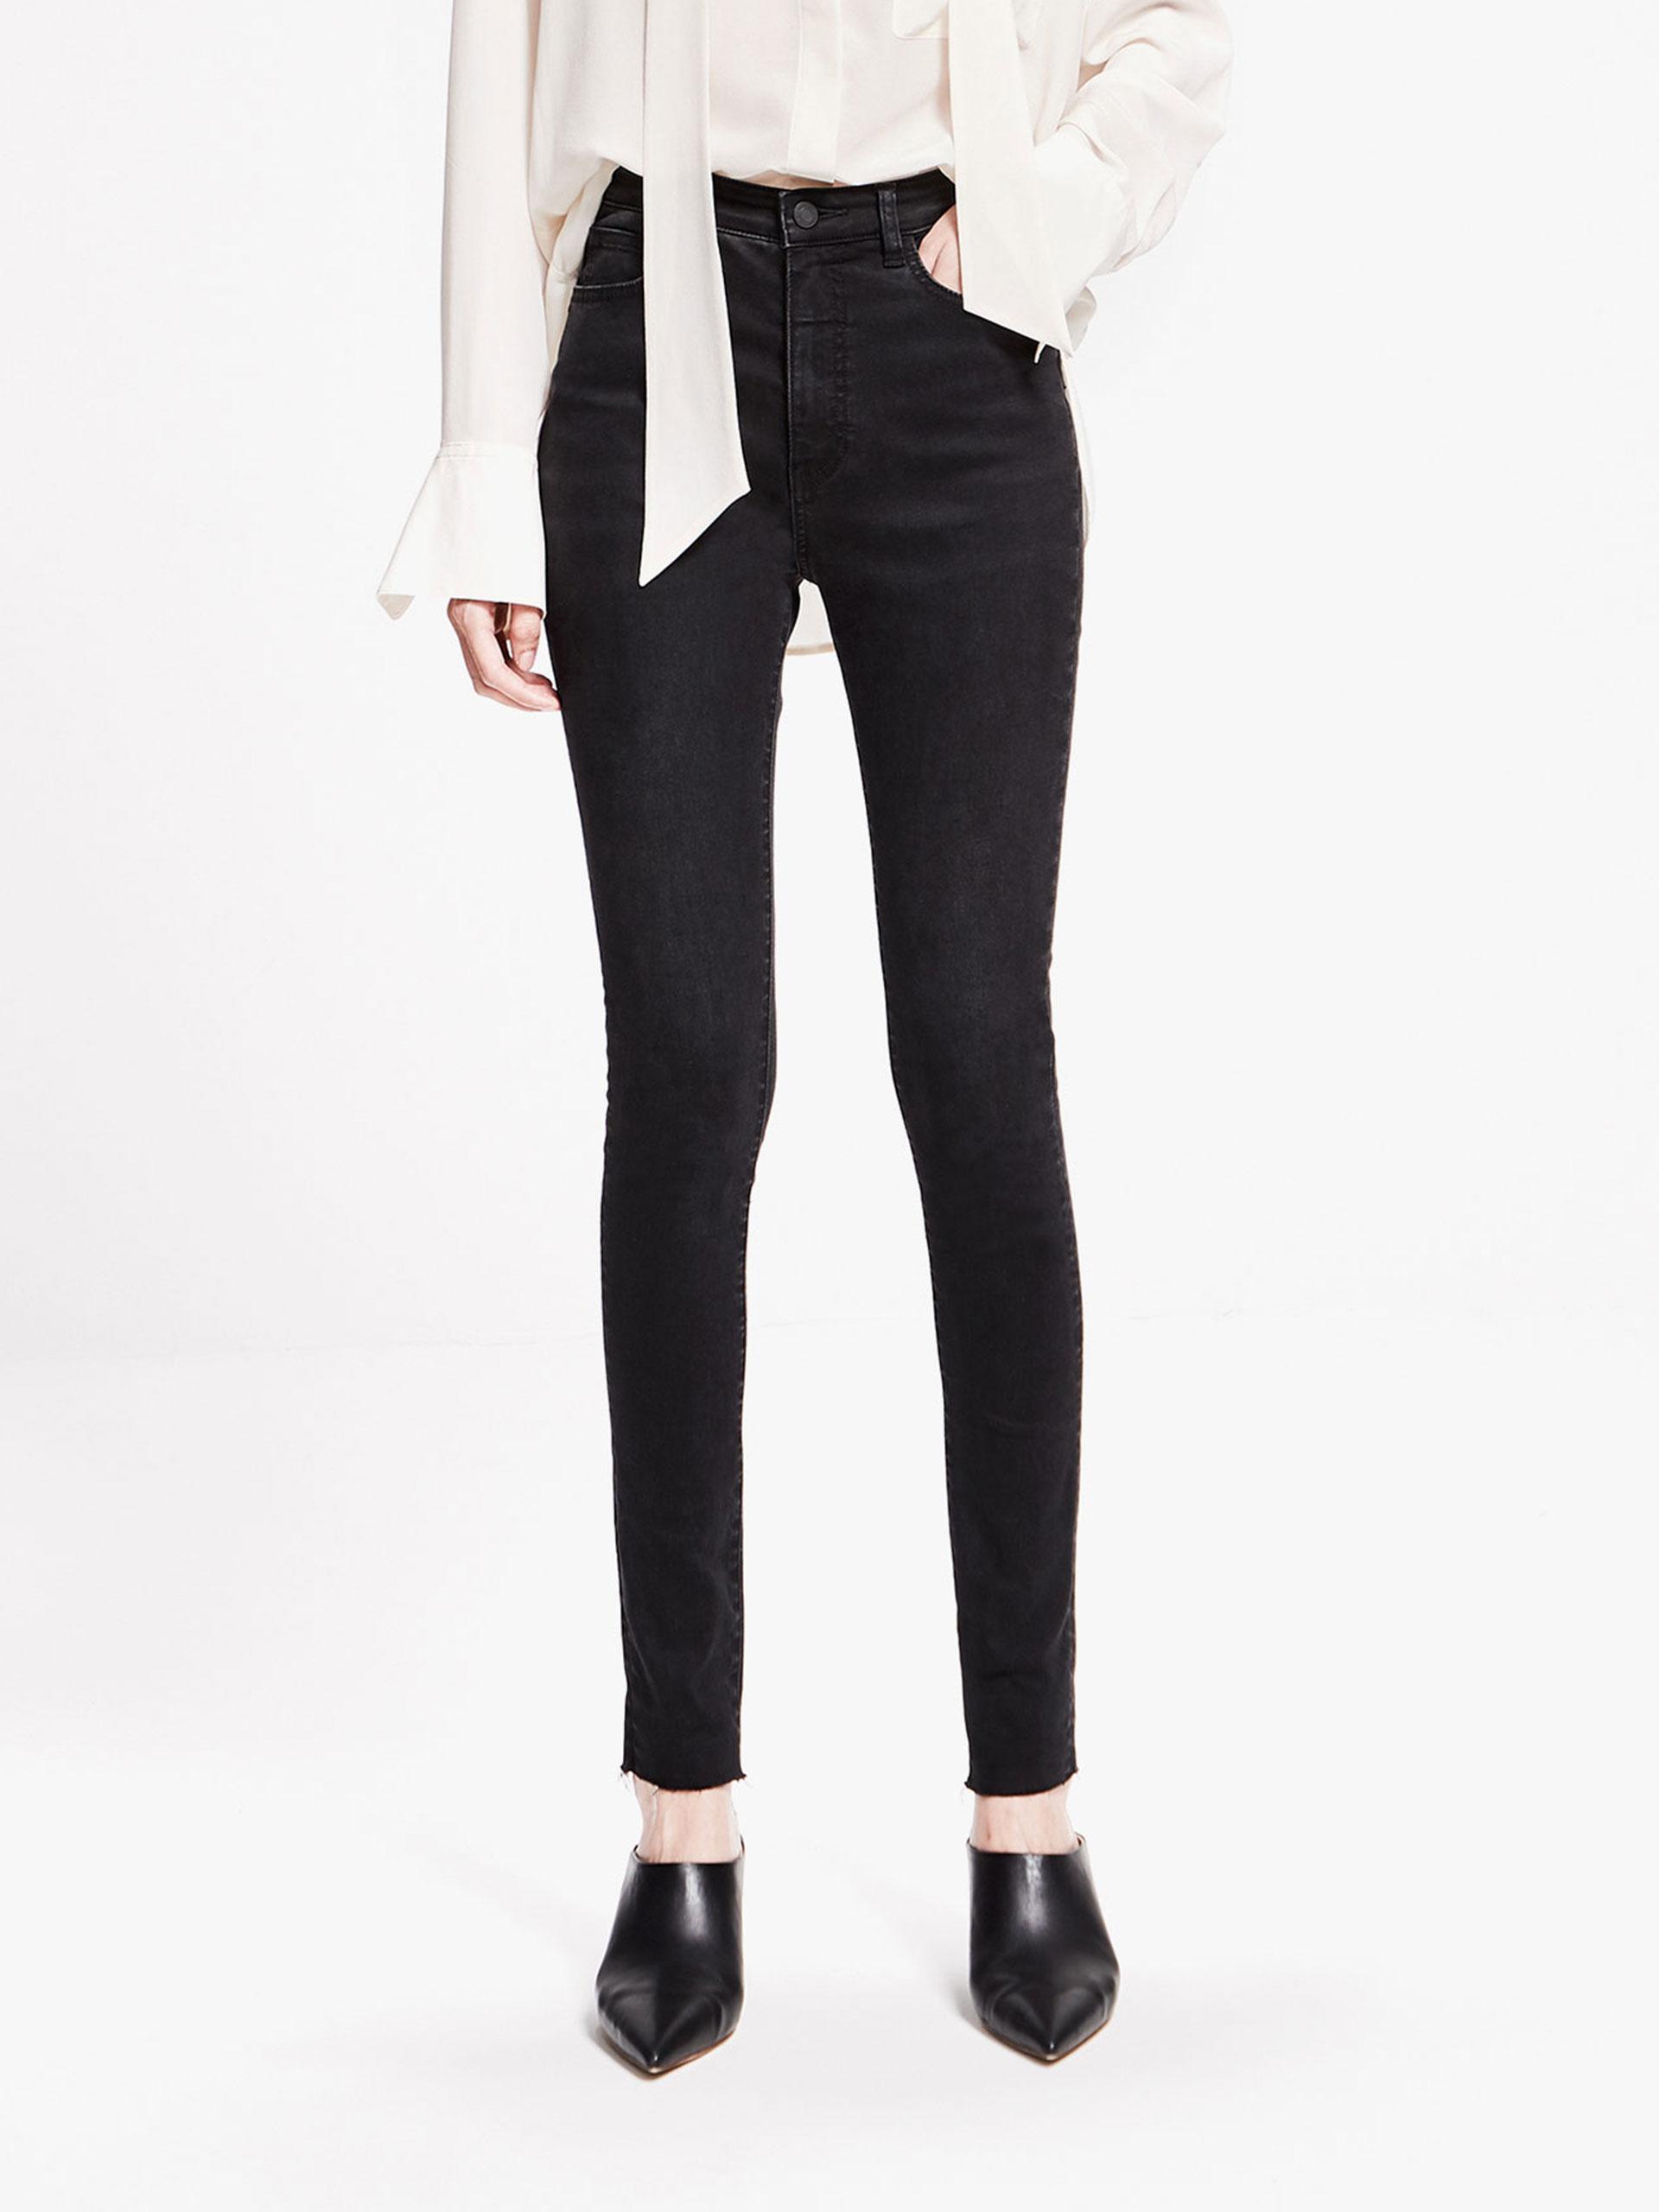 「春季新品」黑色牛仔紧身裤